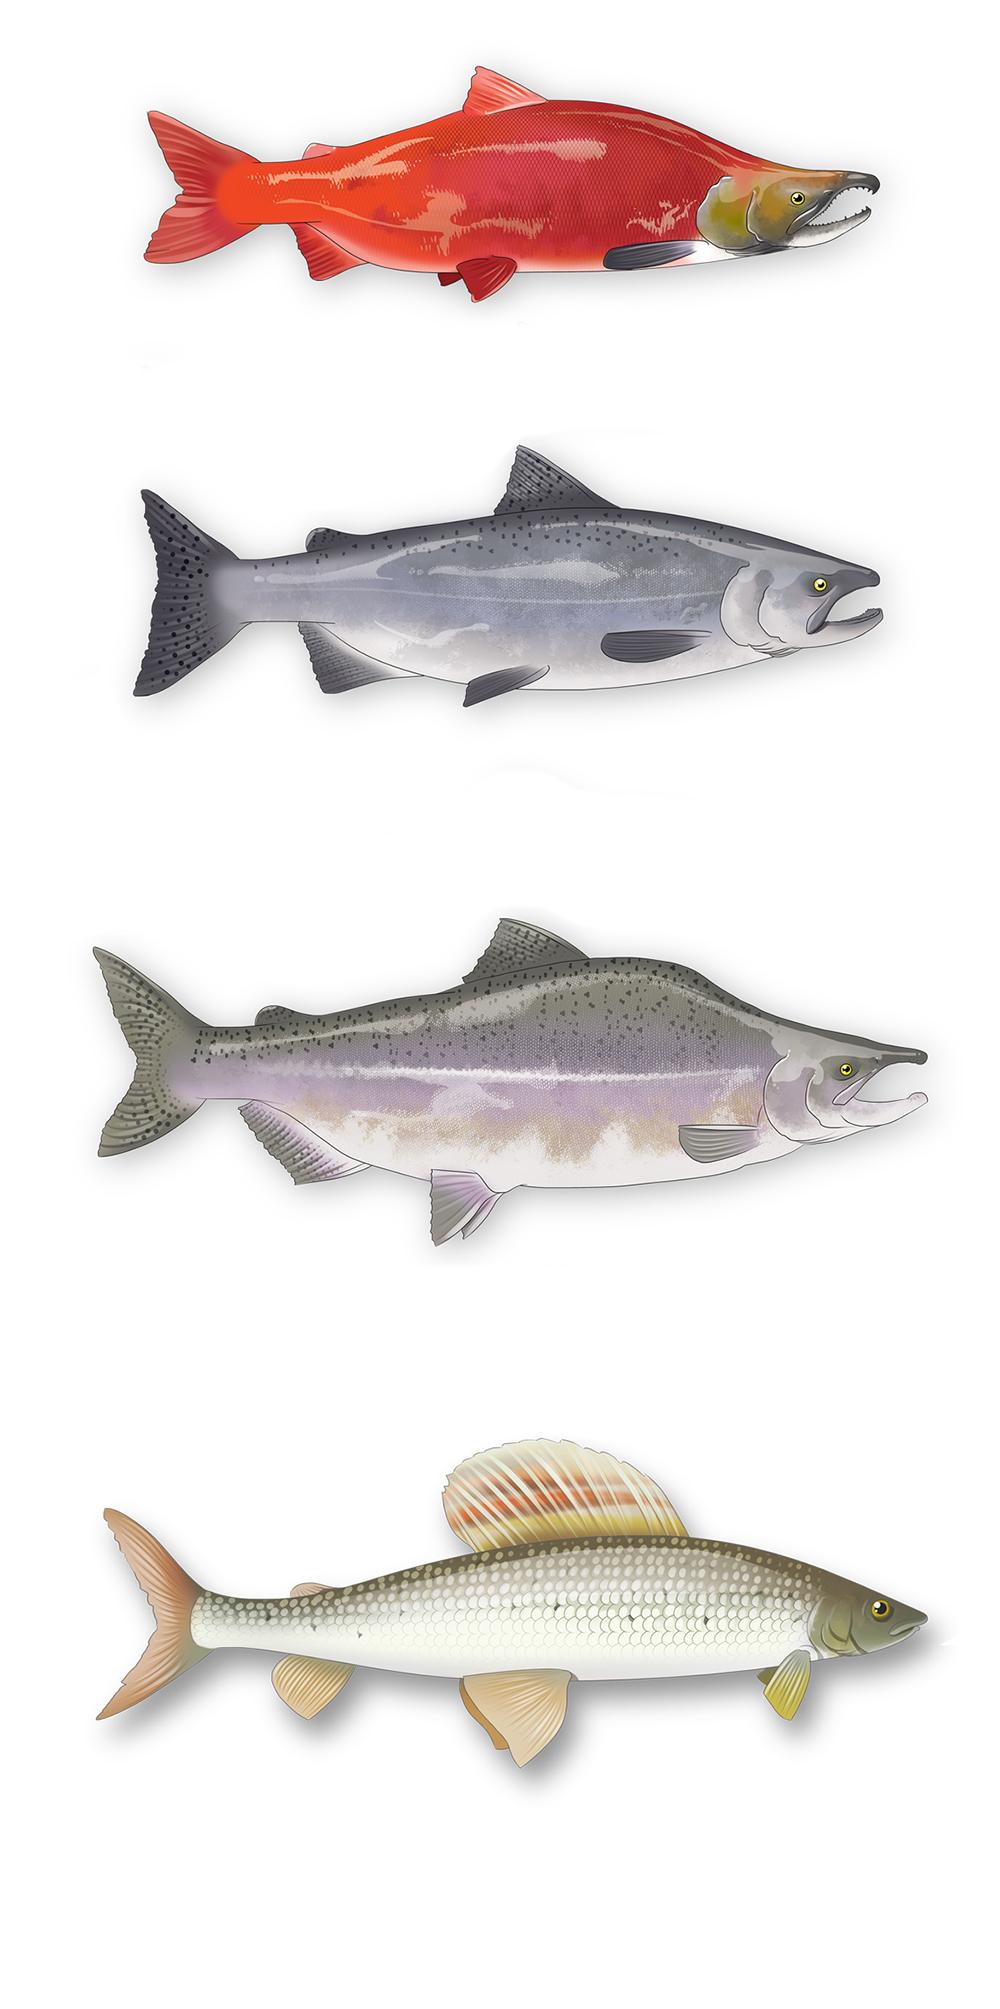 dessins réaliste de saumons